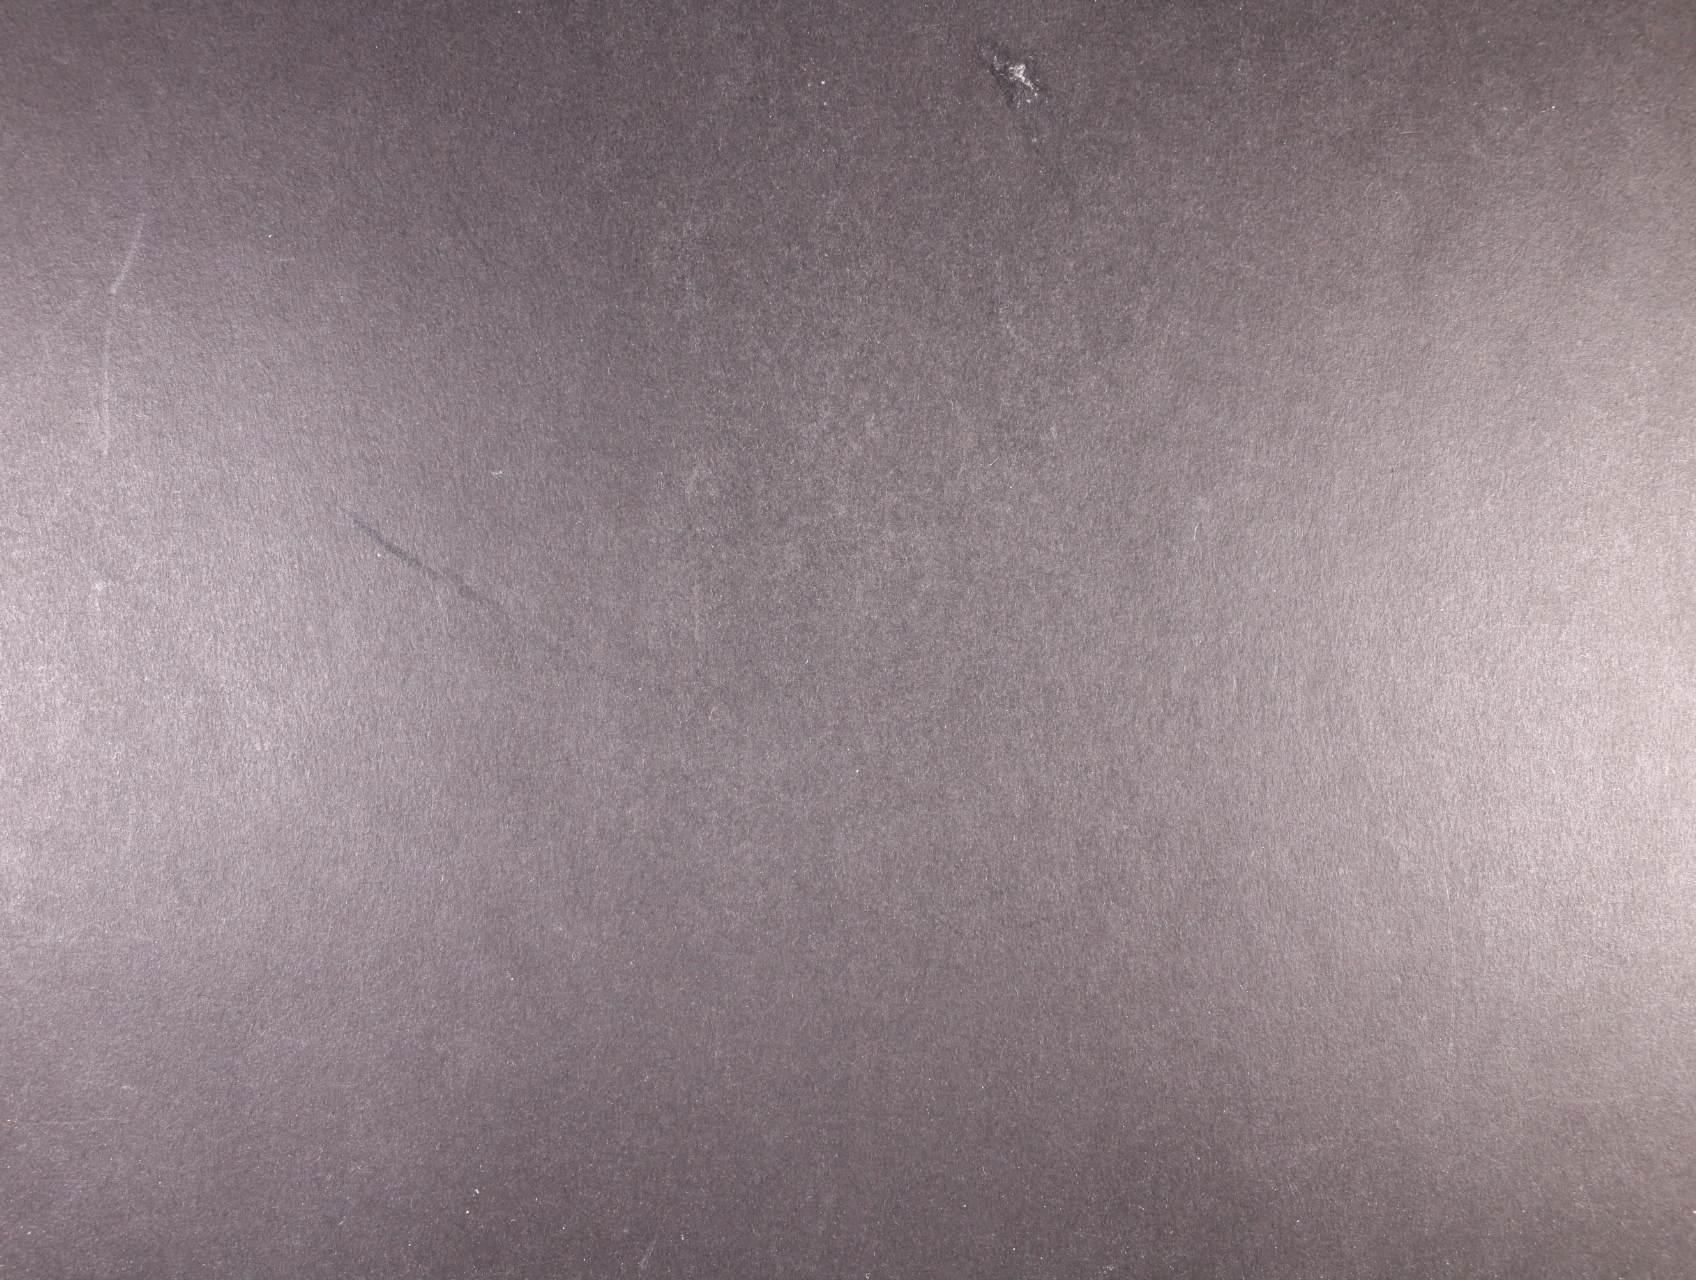 Slovensko - sbírka zn, aršíků, PL, kupony, zvl. tisky, z let 1993 - 2005 na zasklených listech TROJAN ve dvojích pérových deskách, nominální hodnota min. 14600 Sk